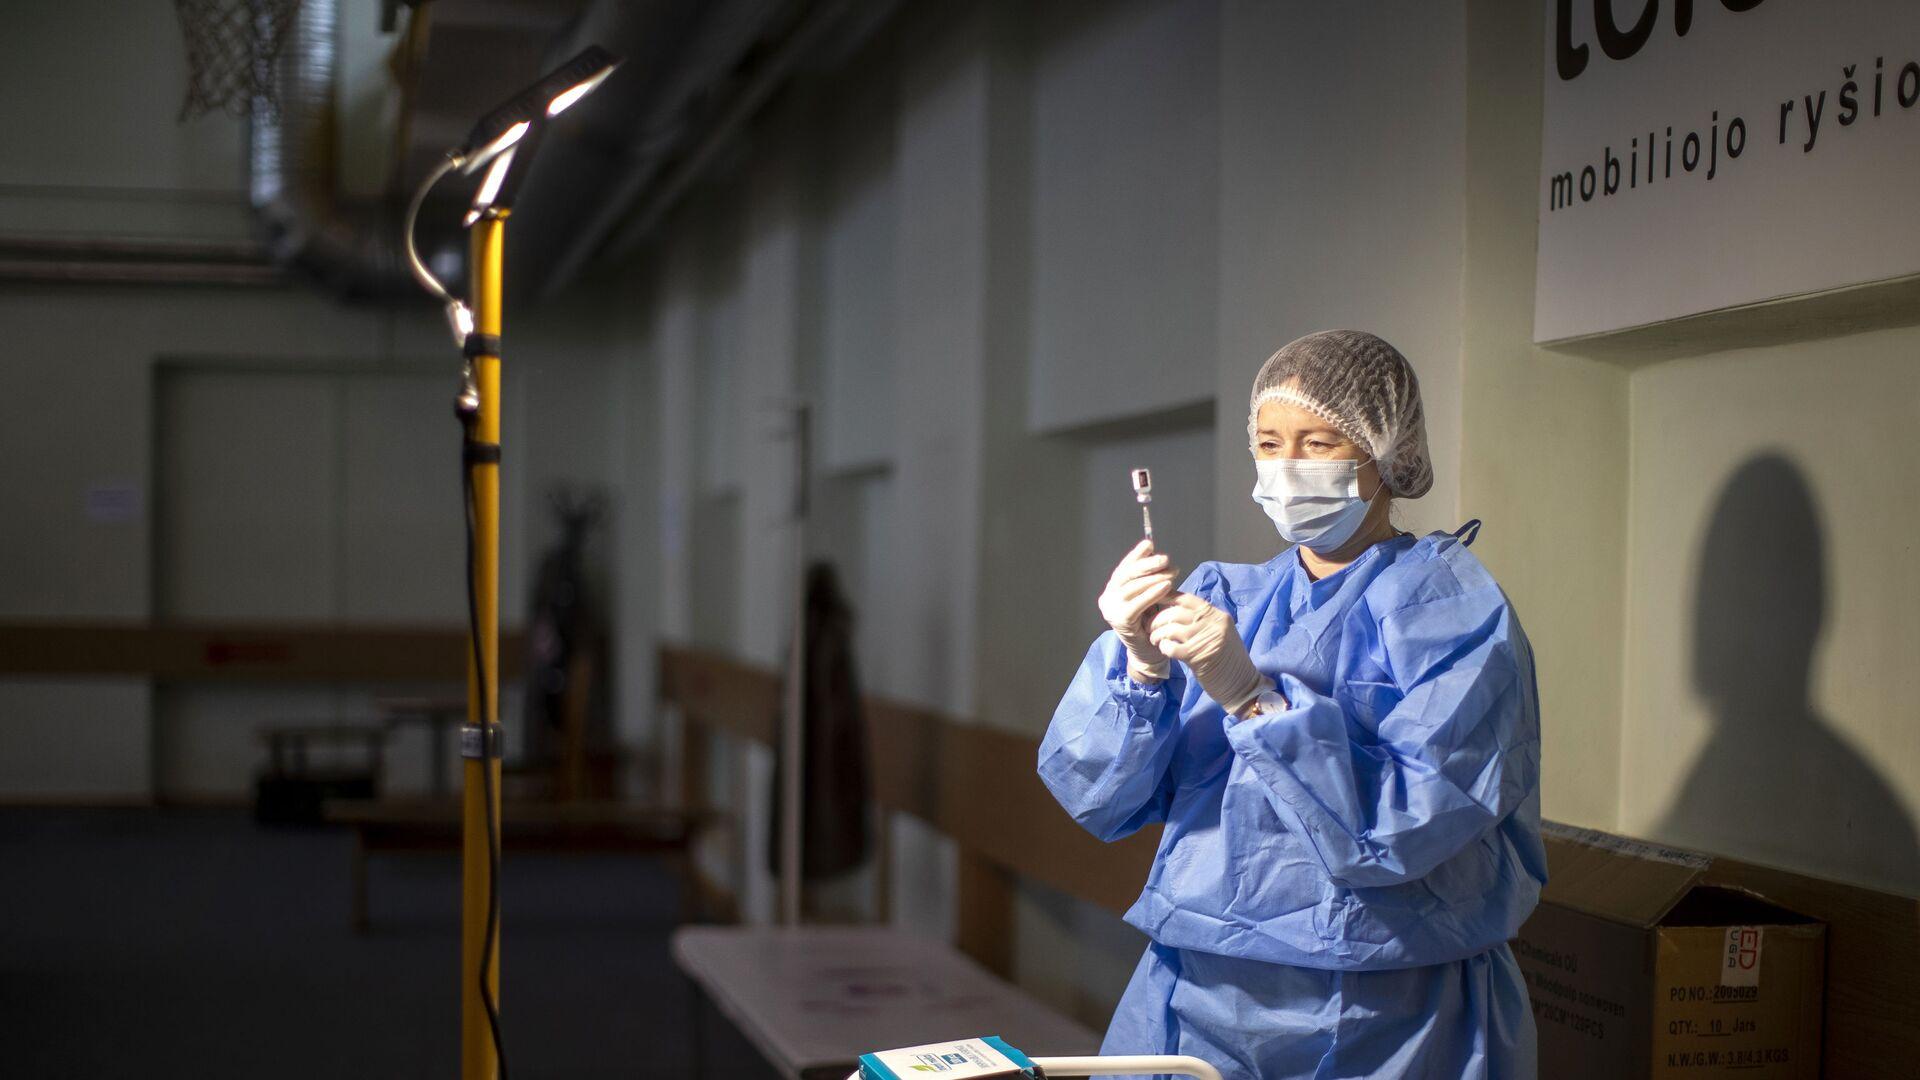 Litevská sestřička připravuje vakcínu proti koronaviru - Sputnik Česká republika, 1920, 13.08.2021